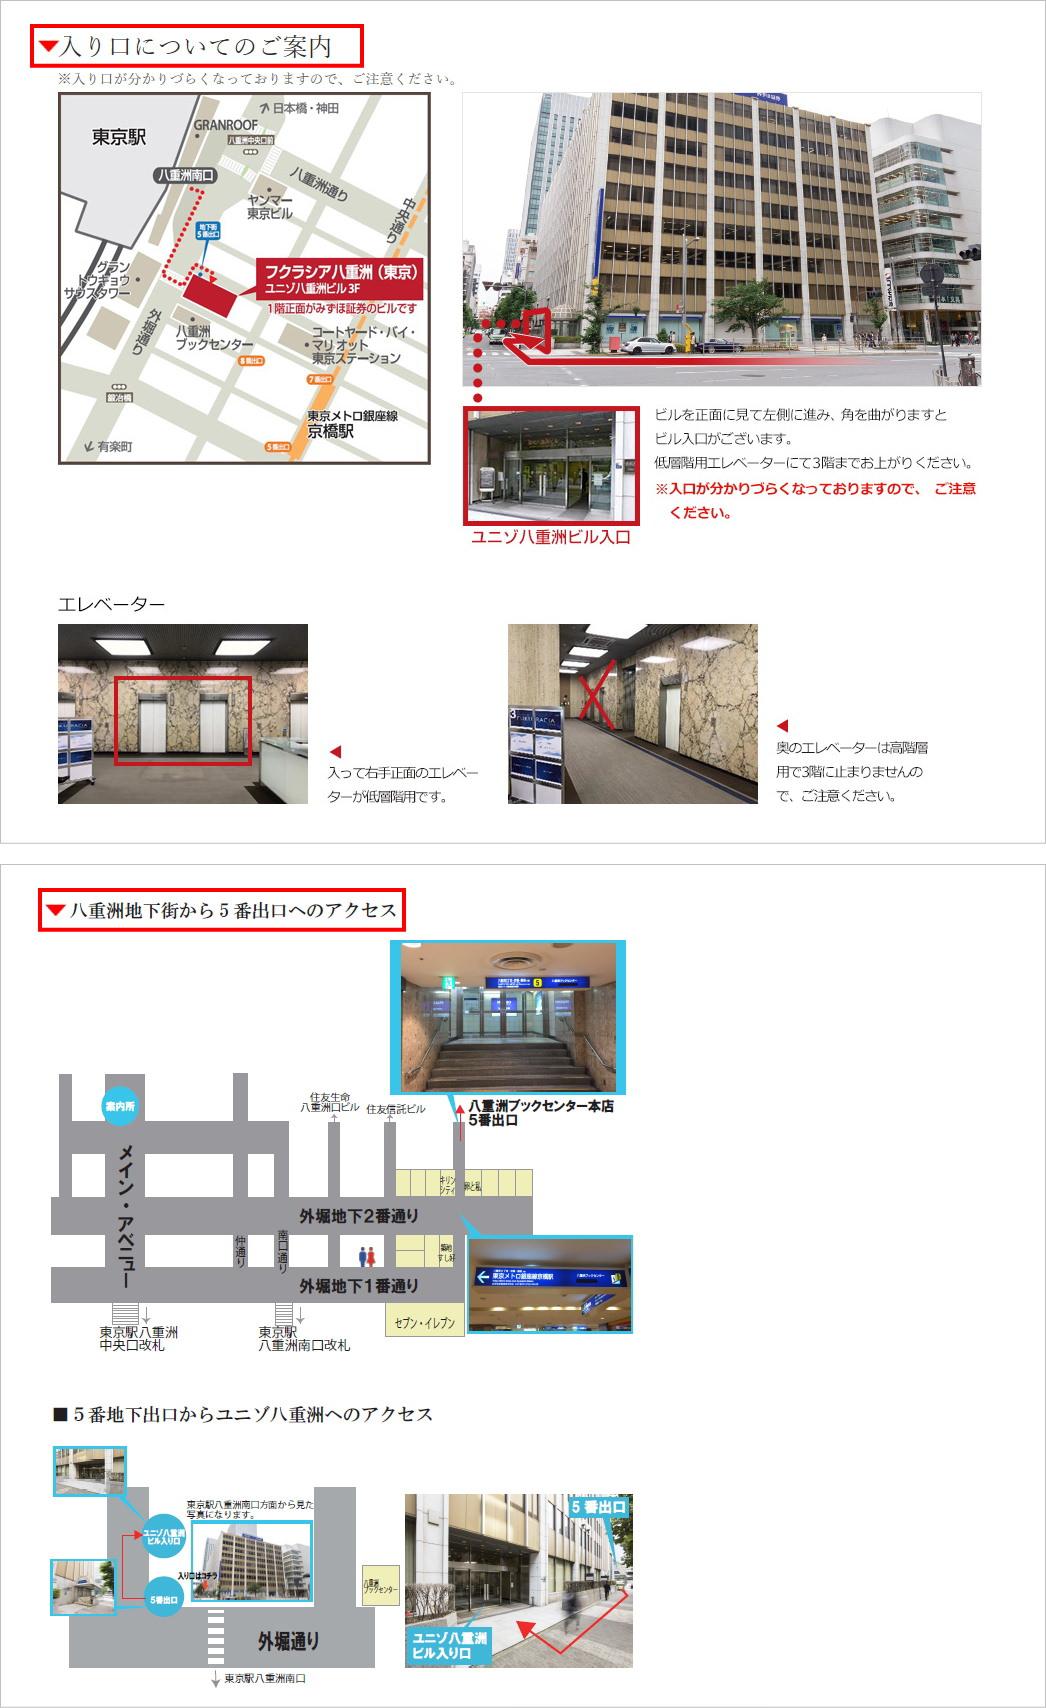 夢相続 東京セミナー 会場 【フクラシア八重洲】 詳細地図